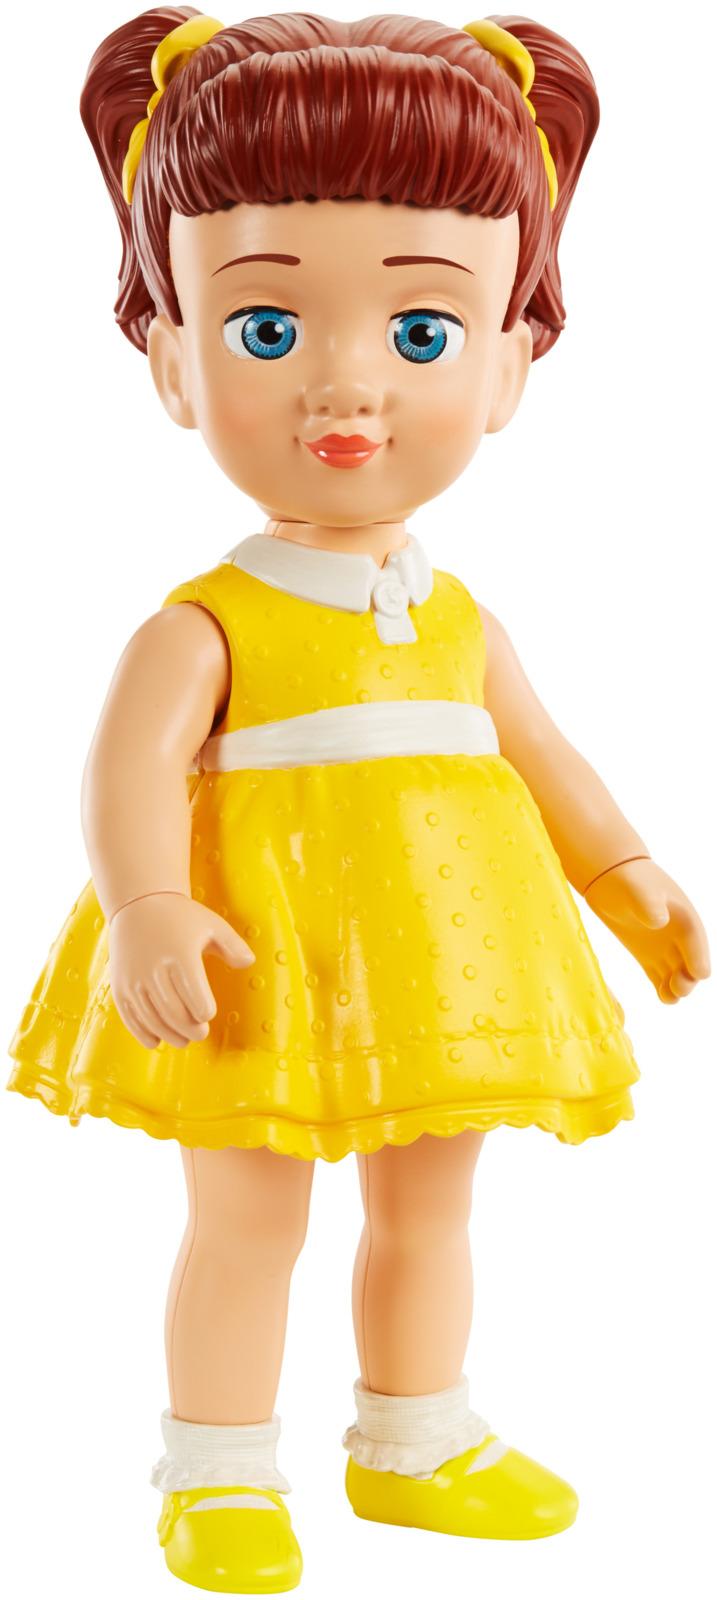 Figurka-Toy-Story-Istoriya-igrushek-4-CHit-CHat-GDP65-GGP61-151486127